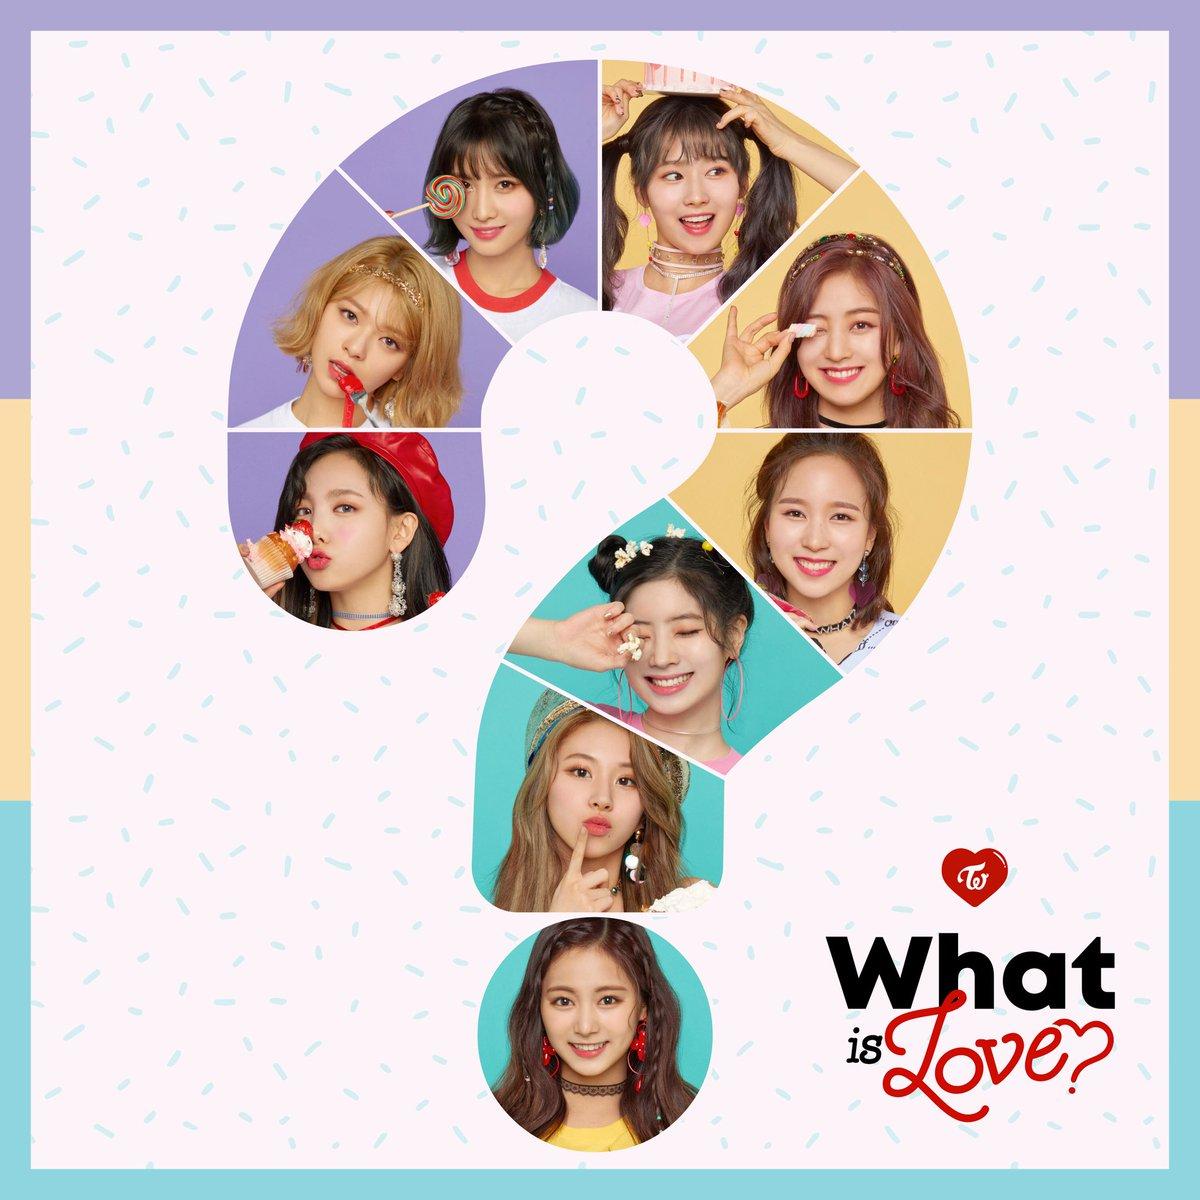 粉絲們期待已久的TWICE終於回歸啦~ TWICE在4月9日帶著第5張迷你專輯《What is Love?》回歸樂壇!